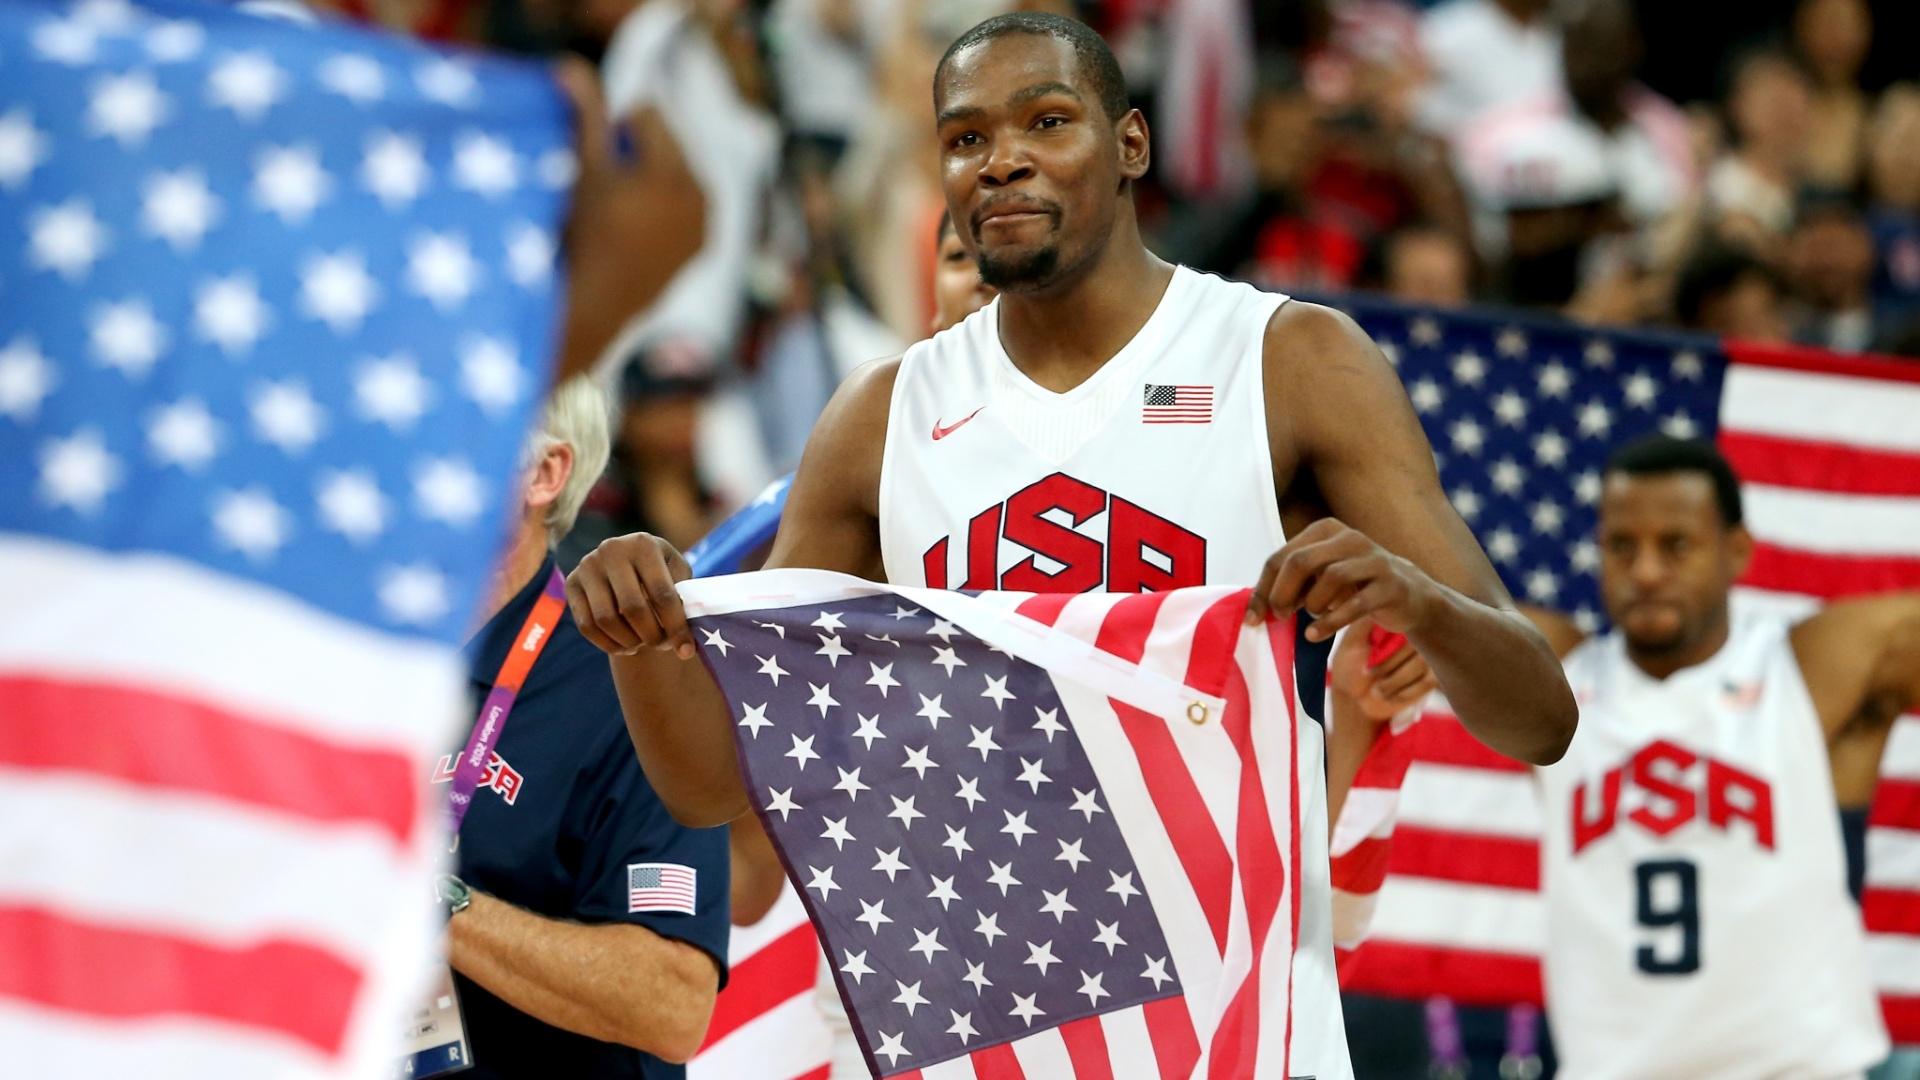 Kevin Durant, jogador da seleção norte-americana de basquete, comemora a conquista do ouro olímpico nos jogos de Londres, em 2012